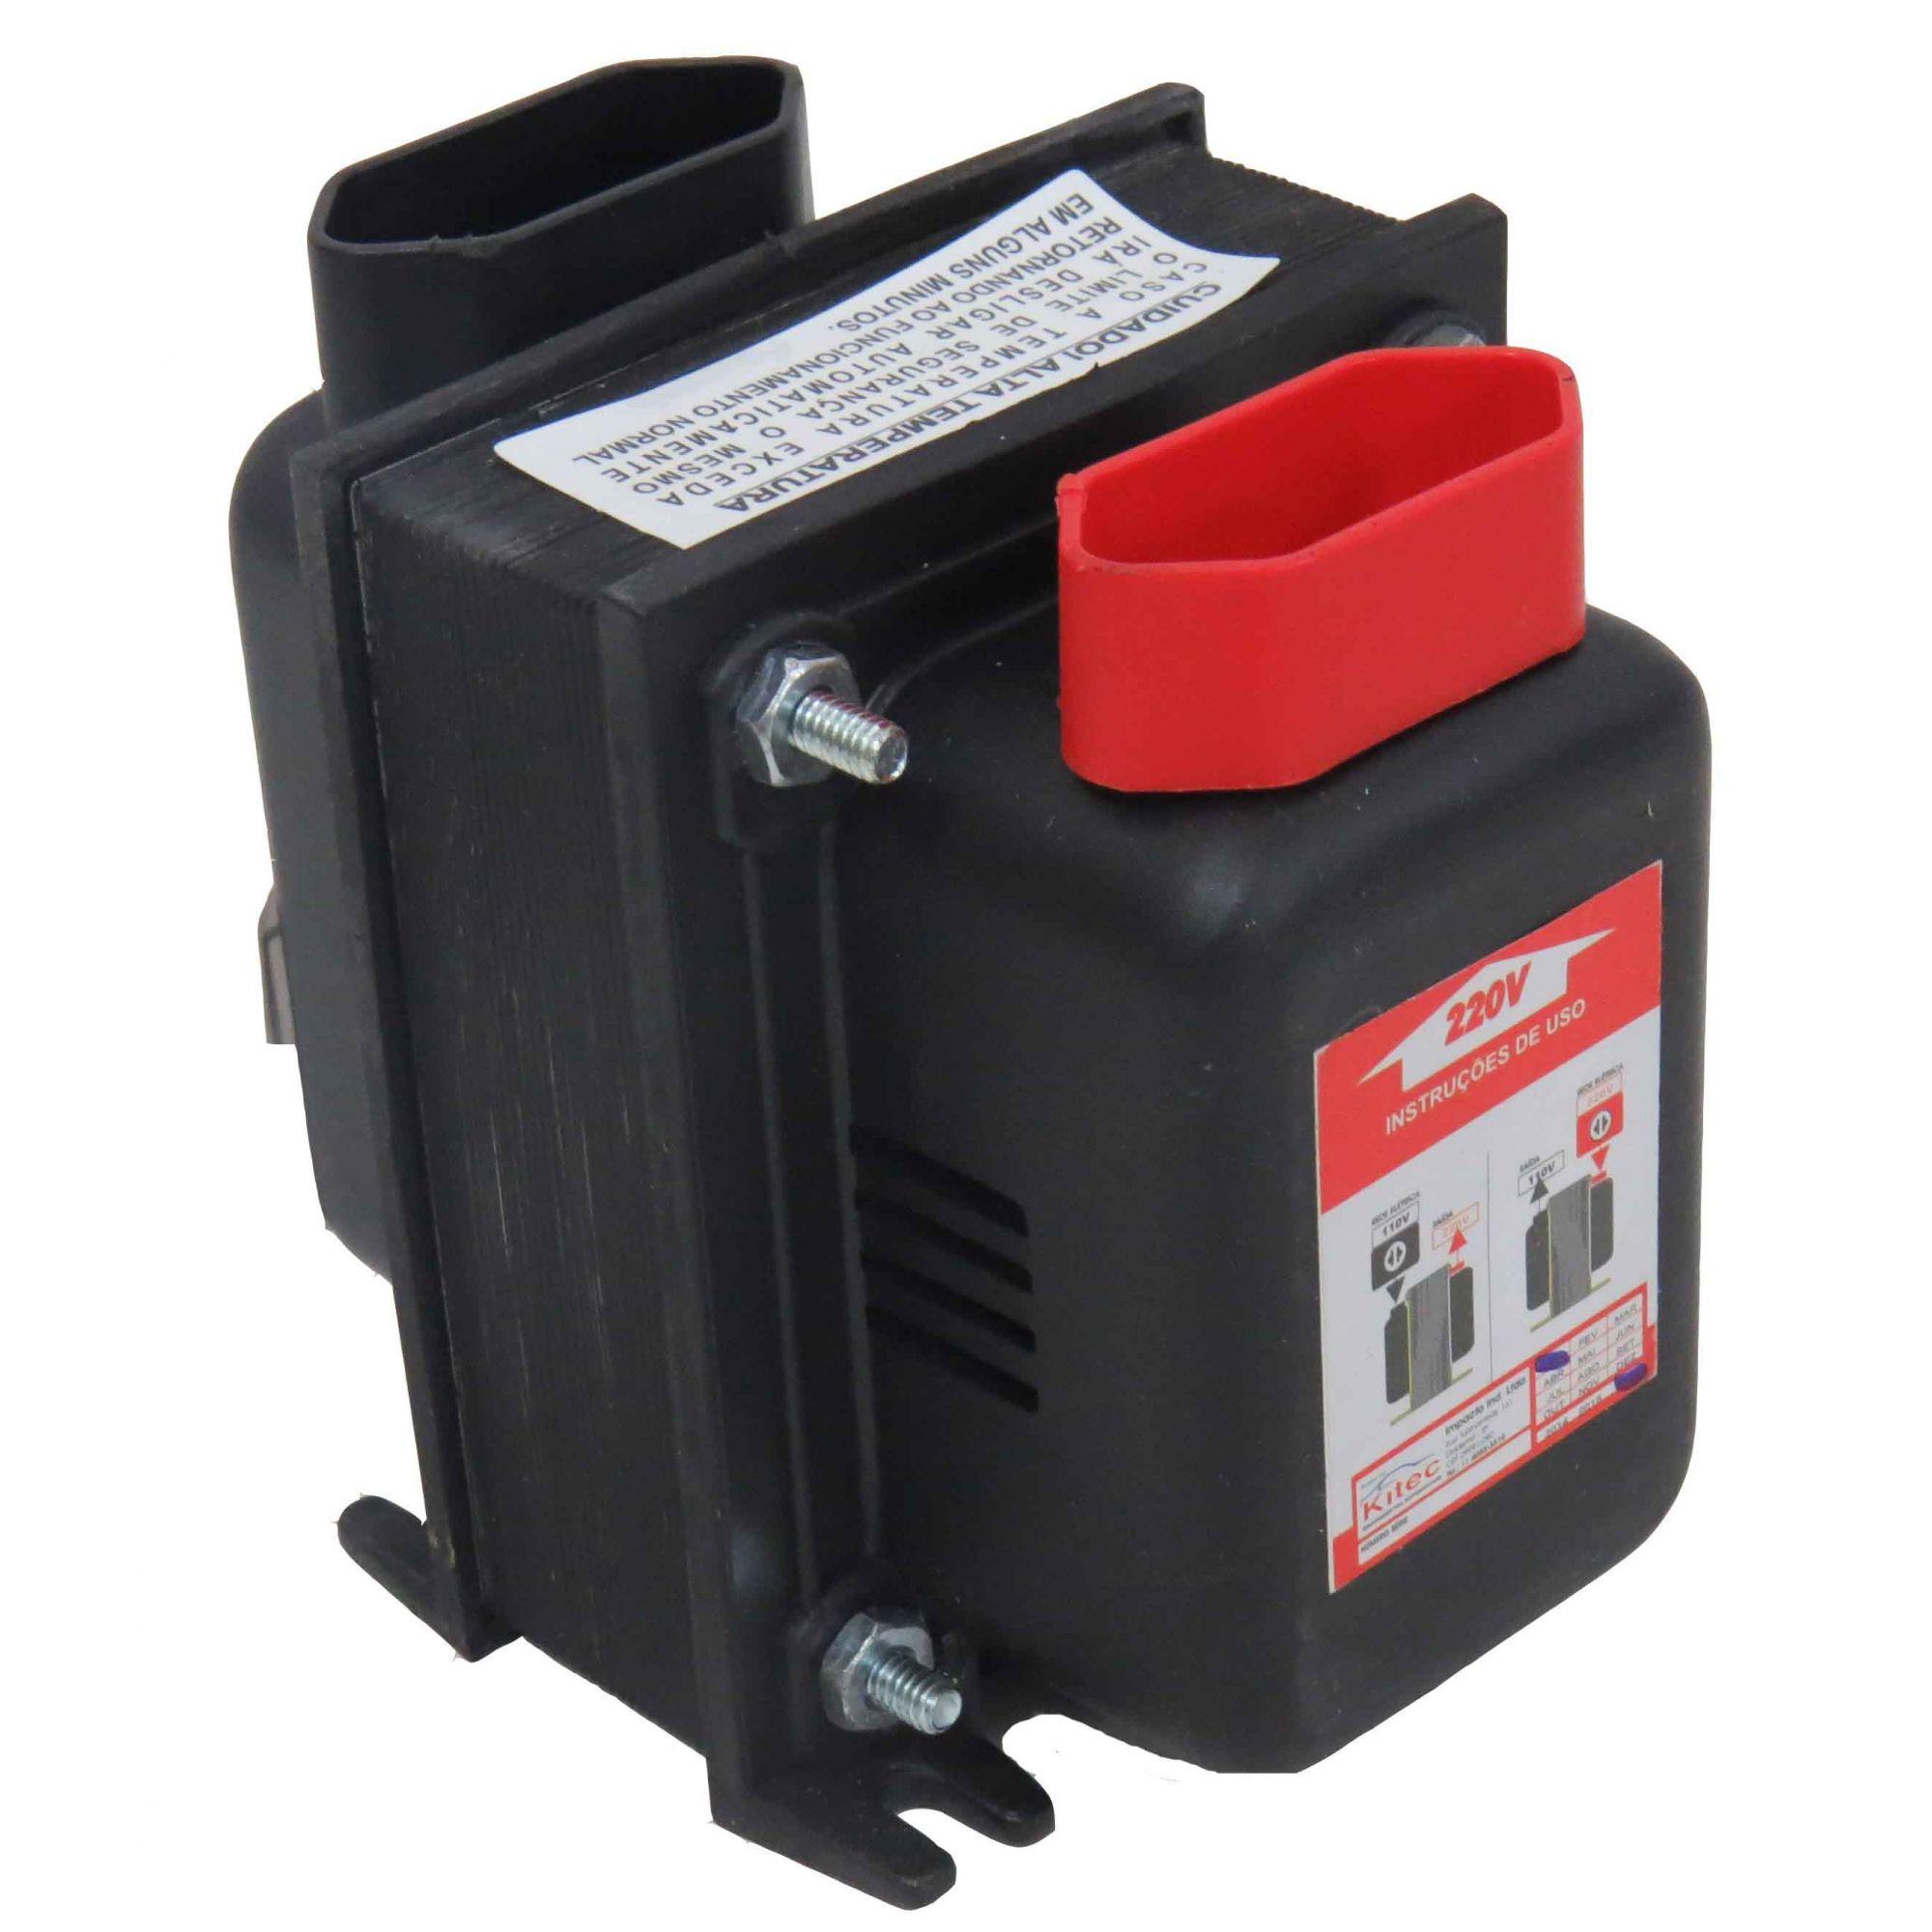 Autotransformador Conversor De Voltagem 200va 127/220v Cód.262274